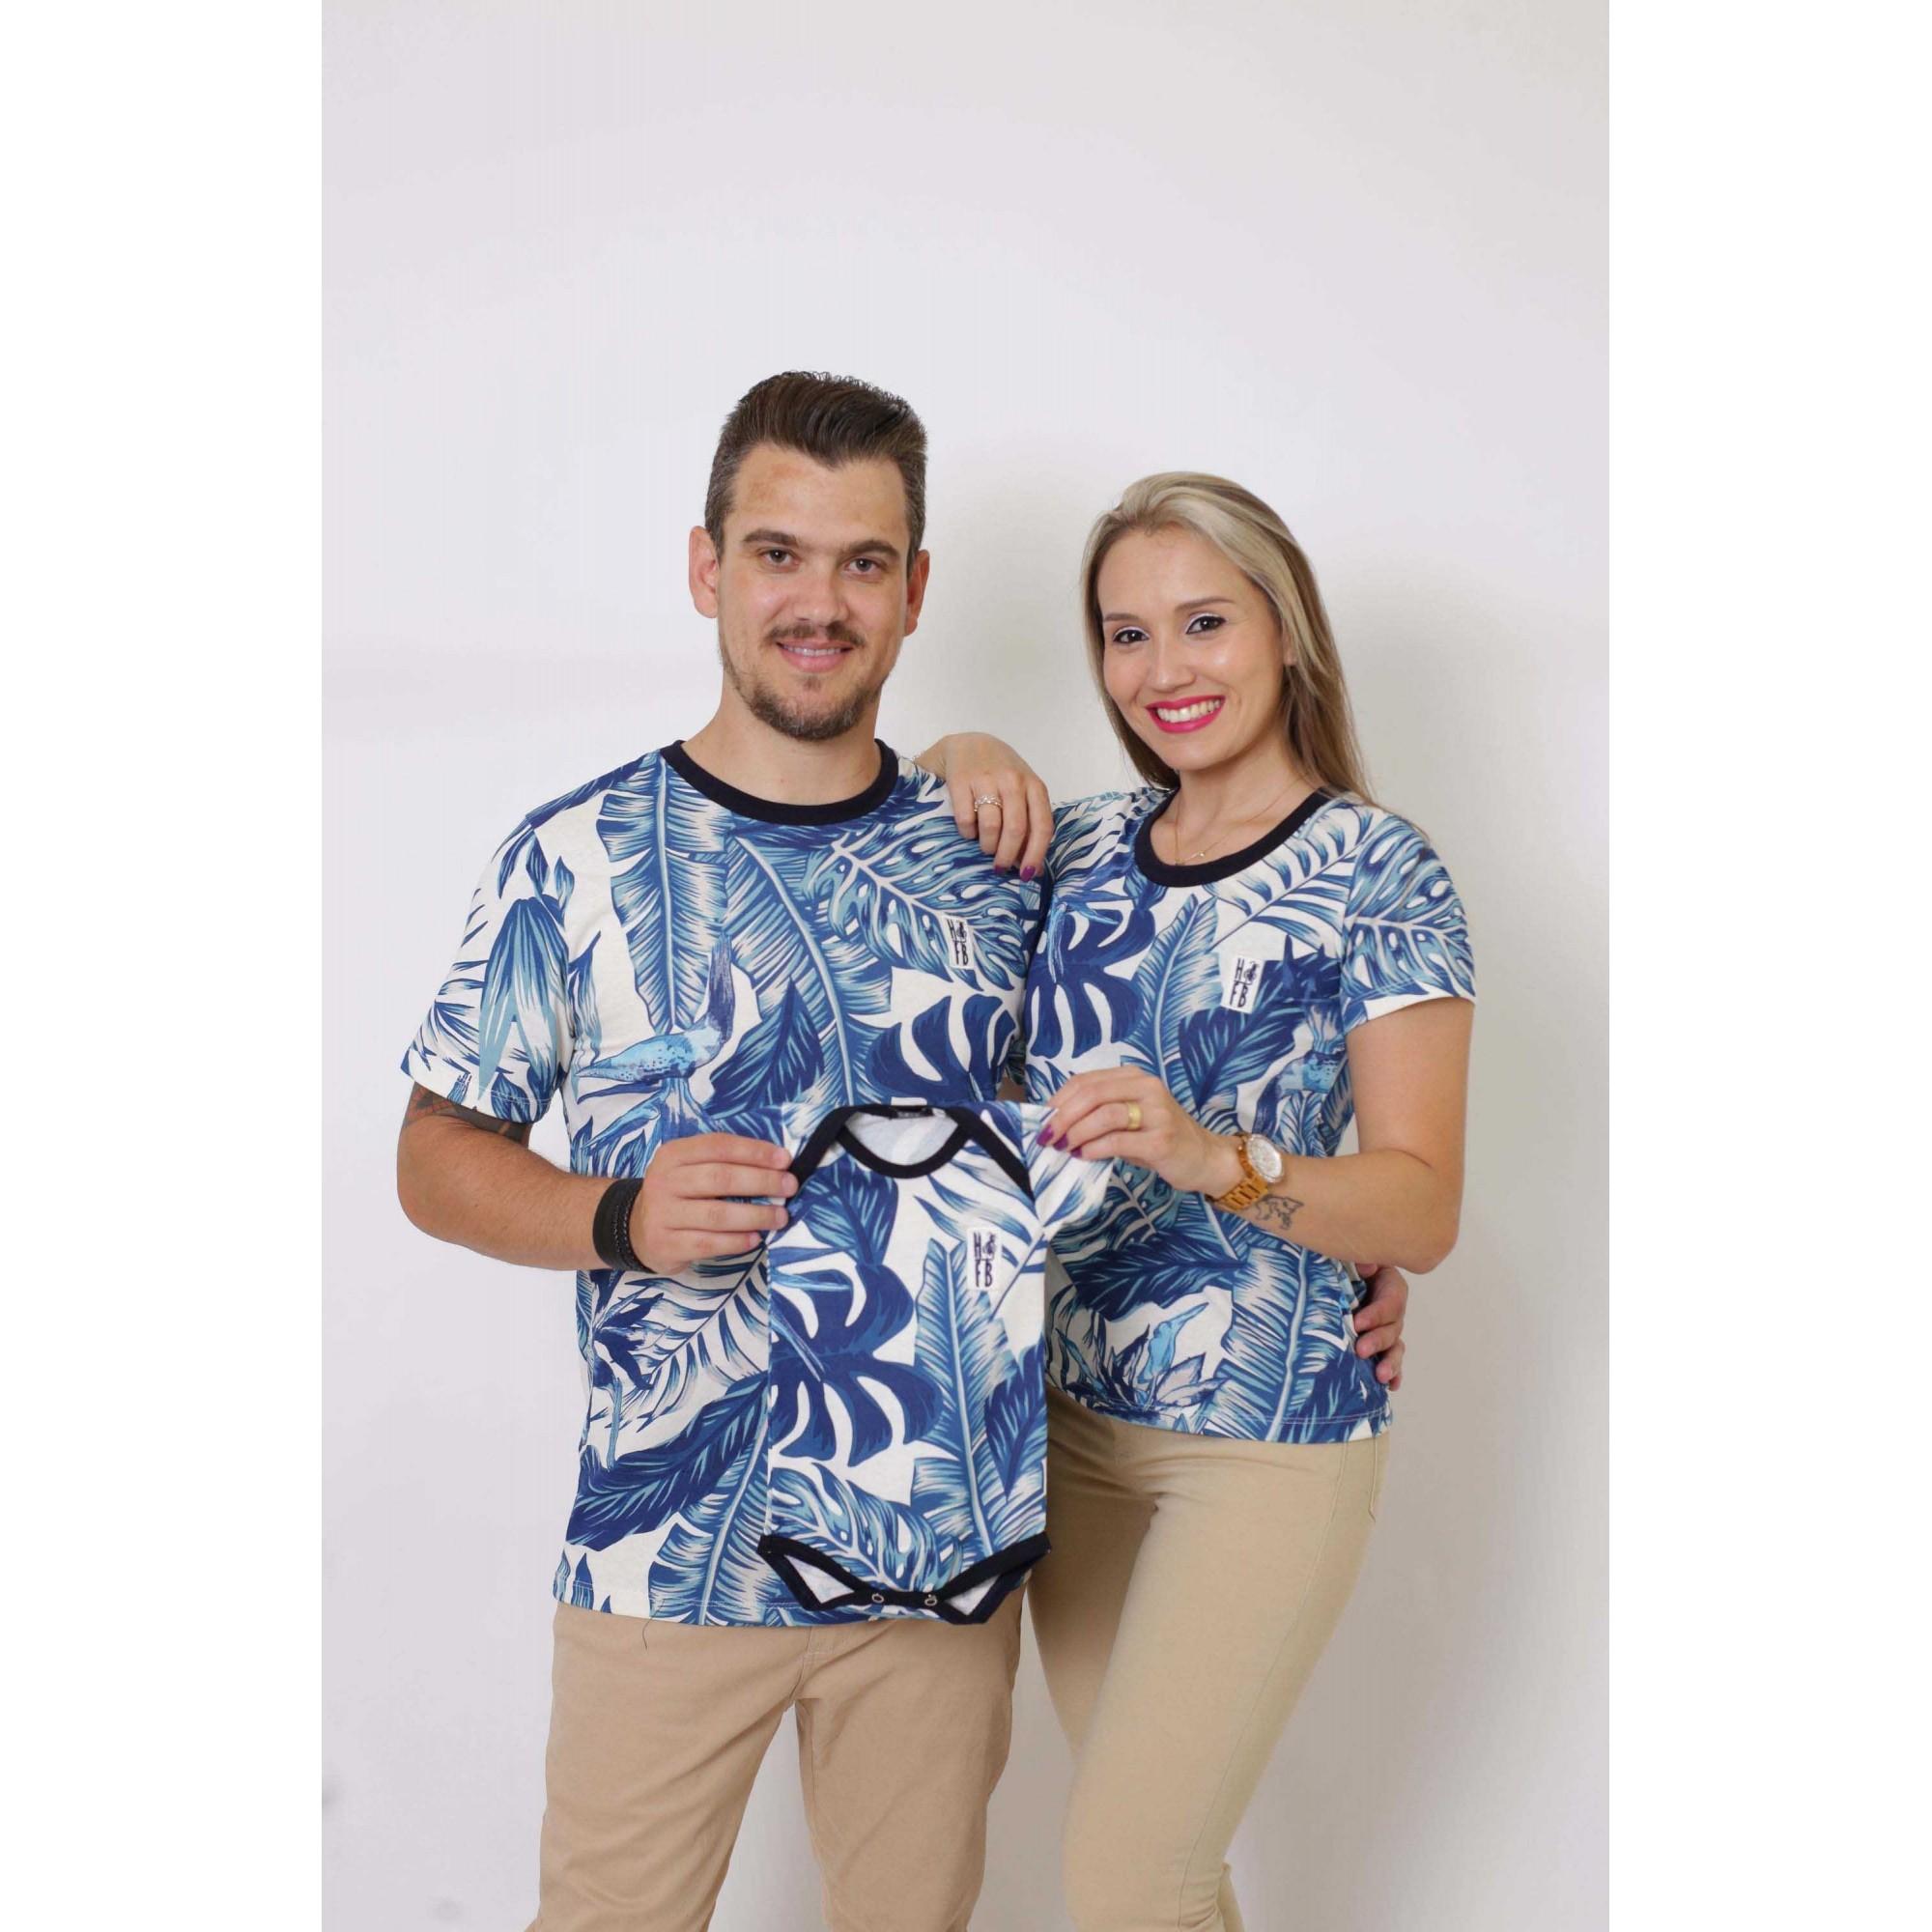 PAIS E FILHAS > Kit 3 Peças T-Shirt - Caribe [Coleção Família]  - Heitor Fashion Brazil